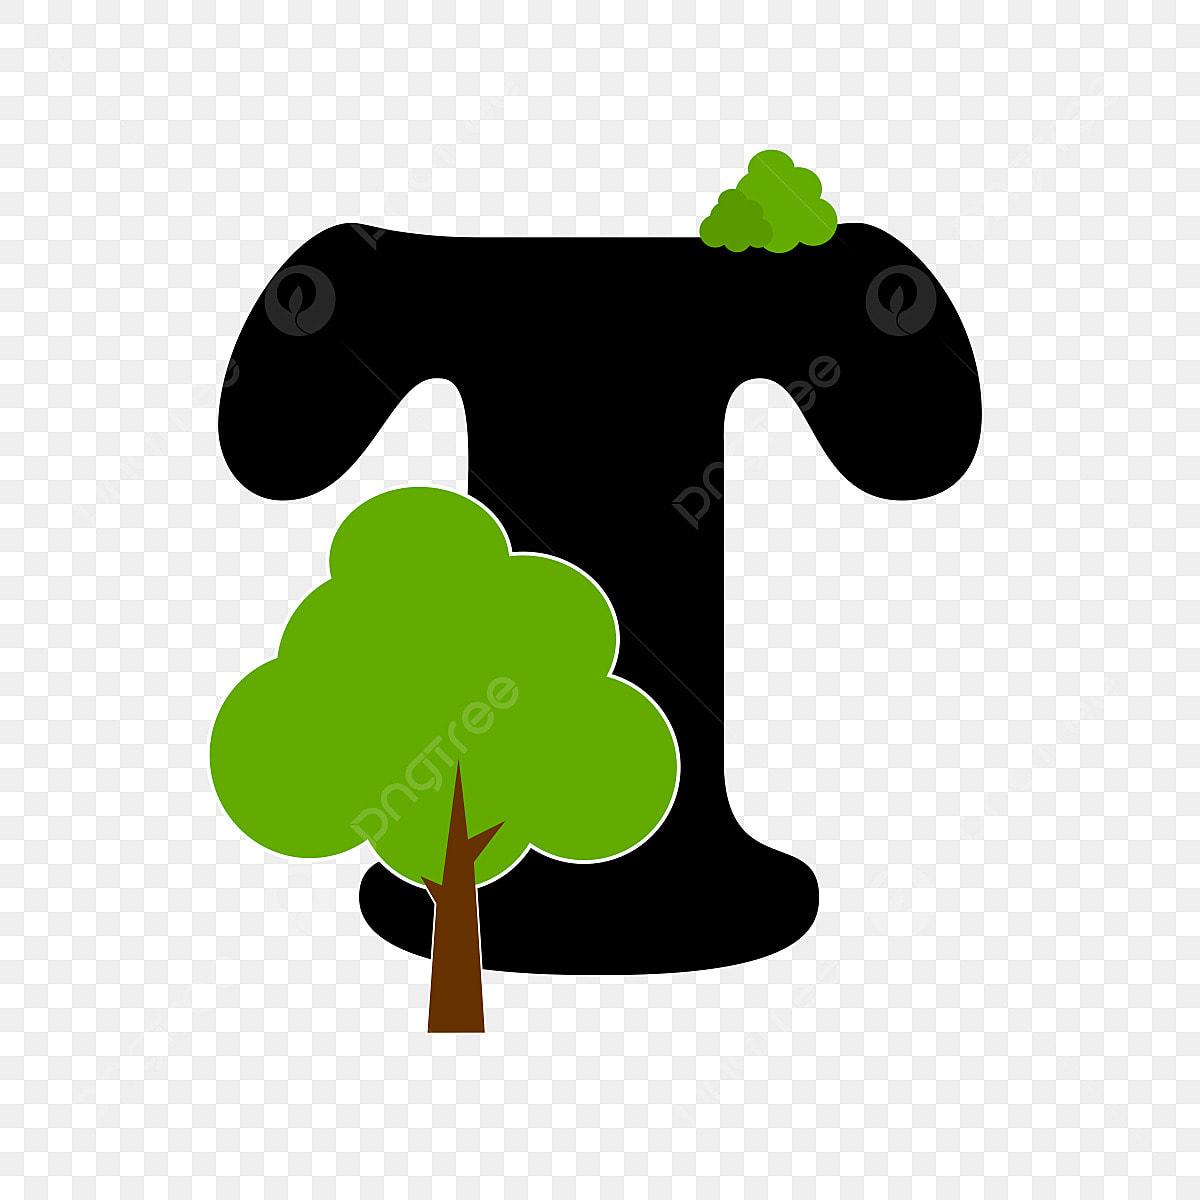 الابجدية الانجليزية مع صورة حرف التاء 26 حرف انجليزي ناقلات الكرتون ناقلات الأبجدية Png صورة للتحميل مجانا